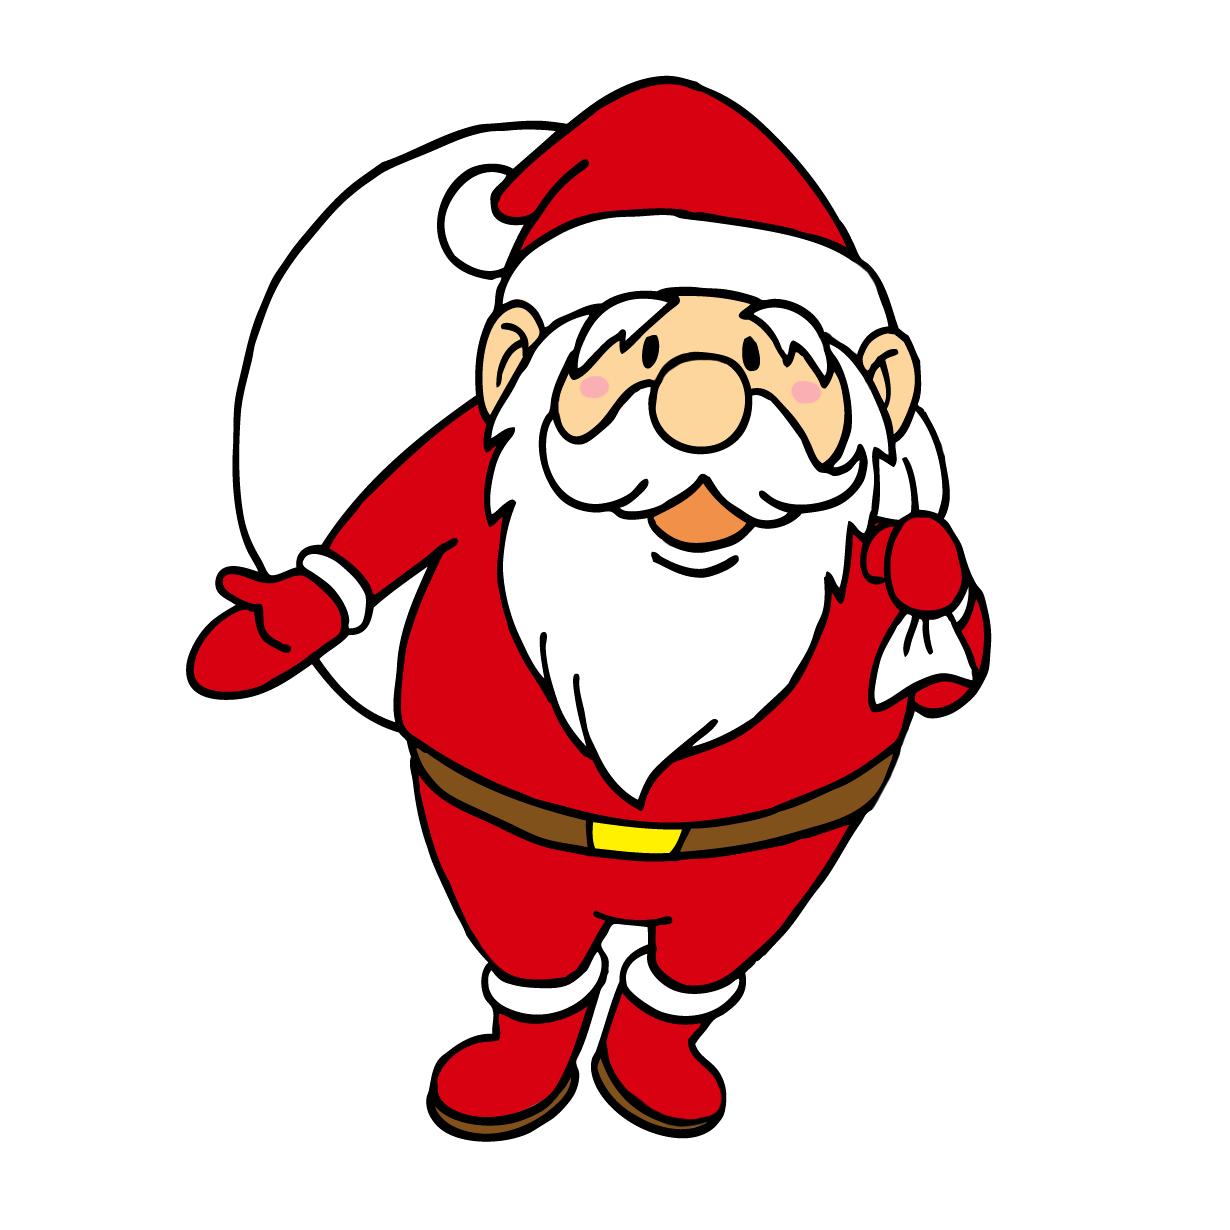 クリスマスのサンタクロースイラスト2人